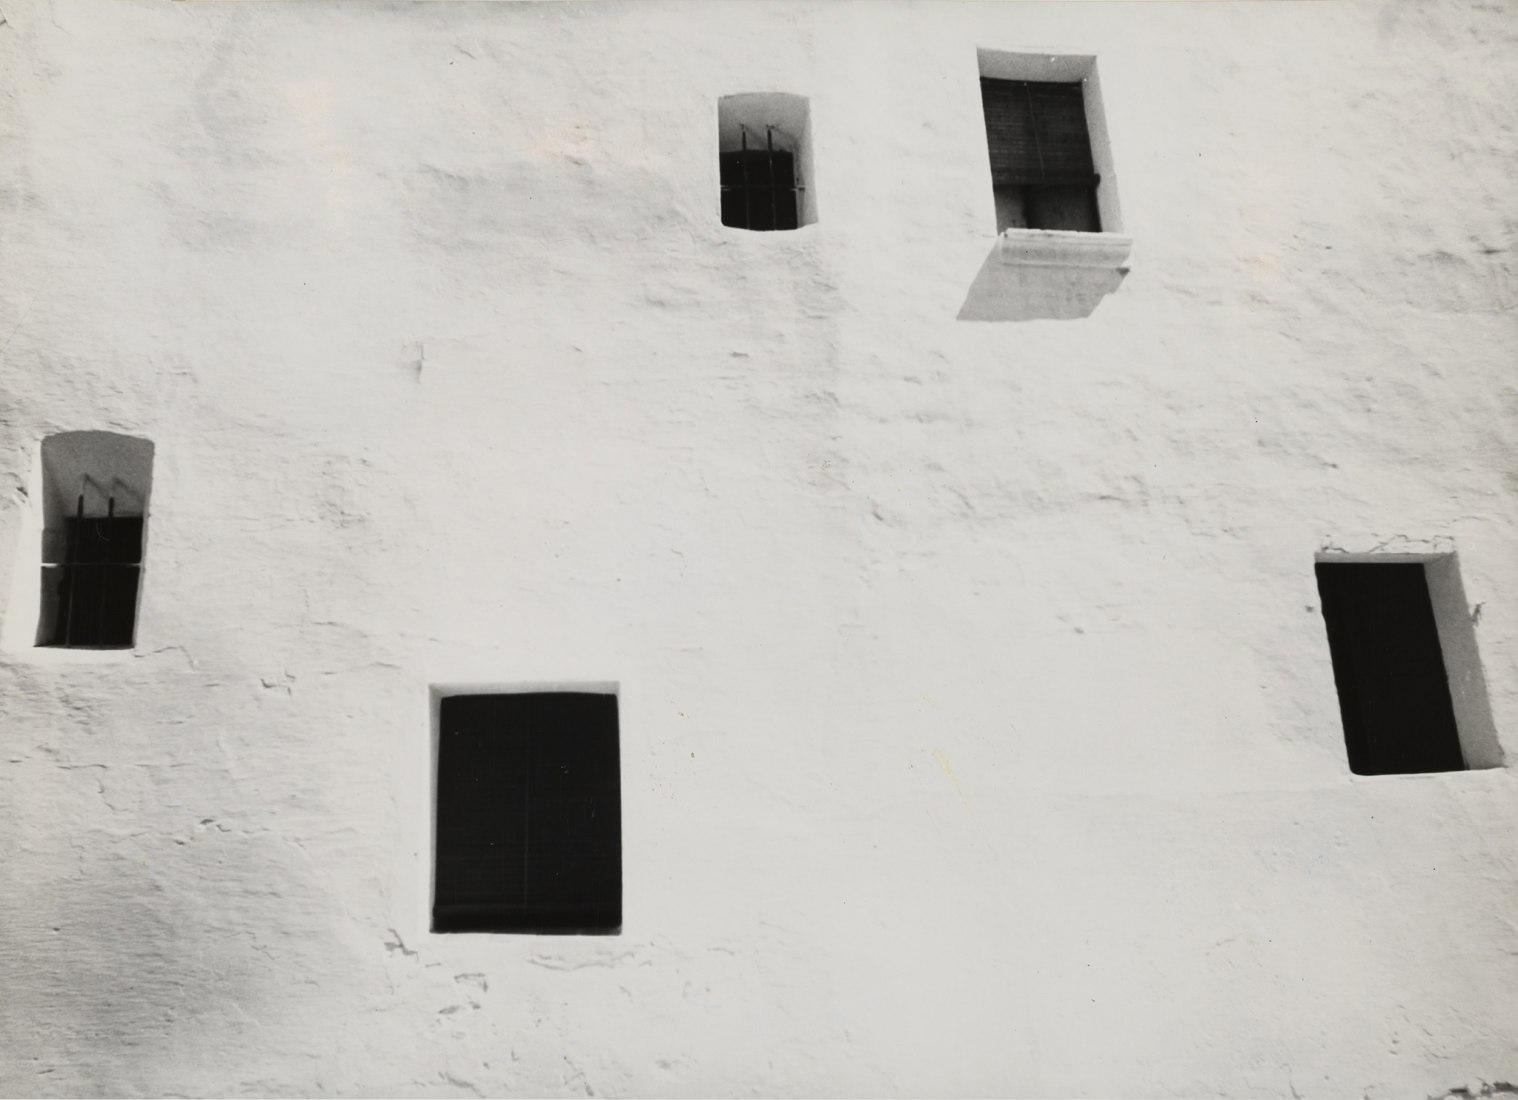 Arquitectura popular mediterranea, Ibiza, 1959. Cortesía de Galería José de la Mano.